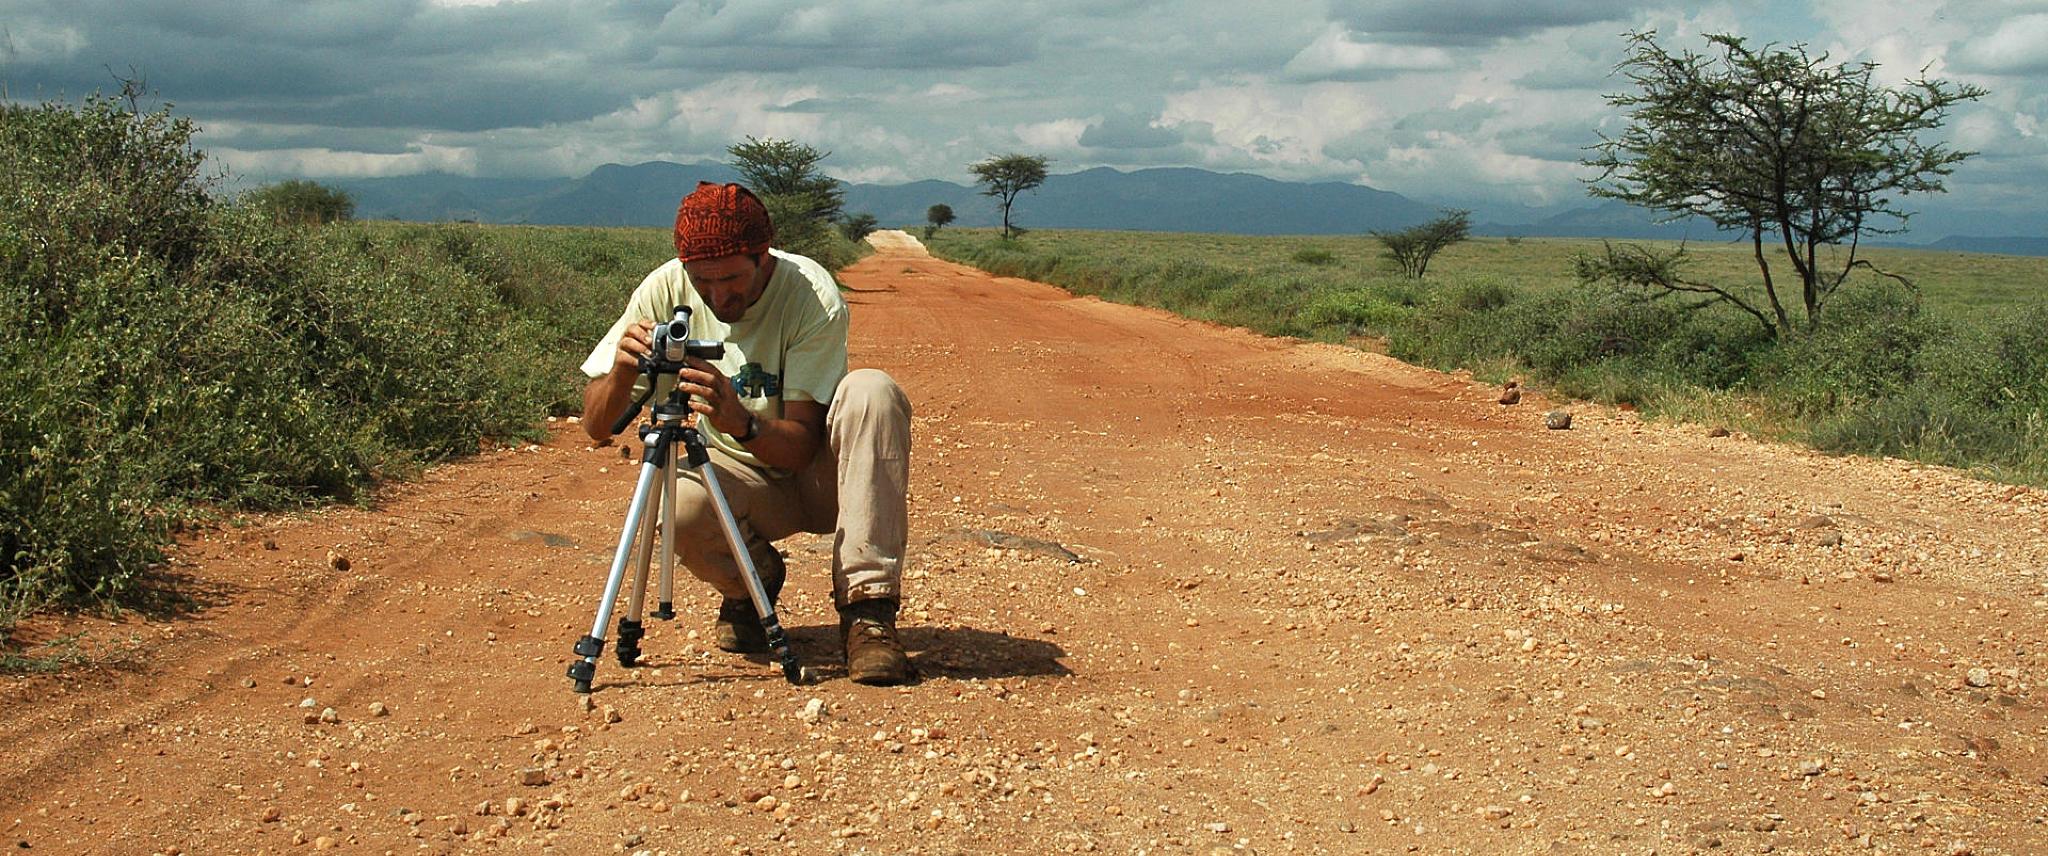 Durante le riprese del video lungo una pista